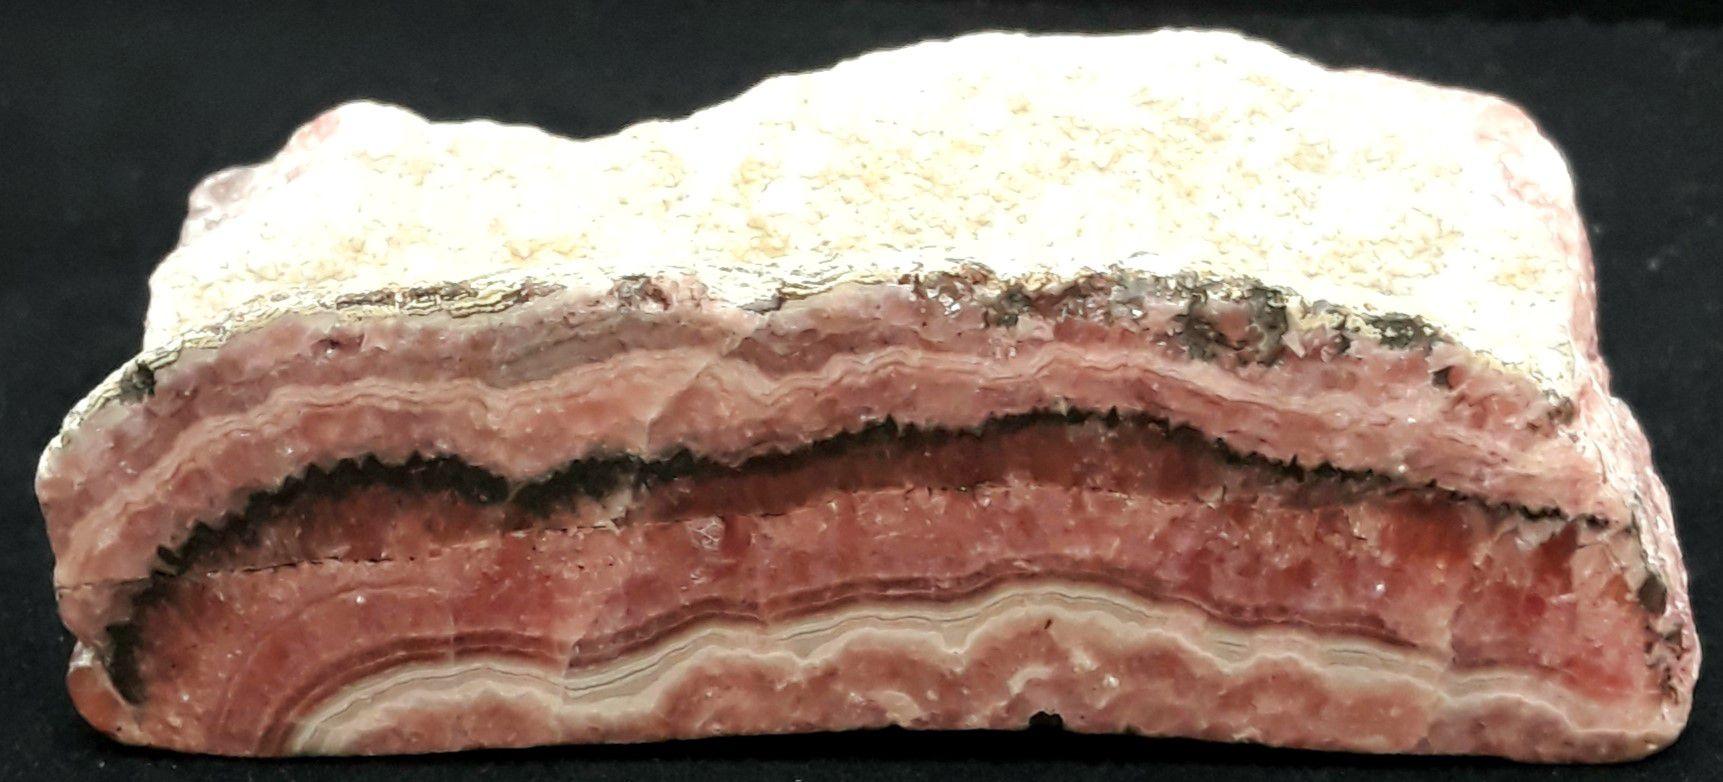 Pedra Bruta - Rodocrosita - PB68